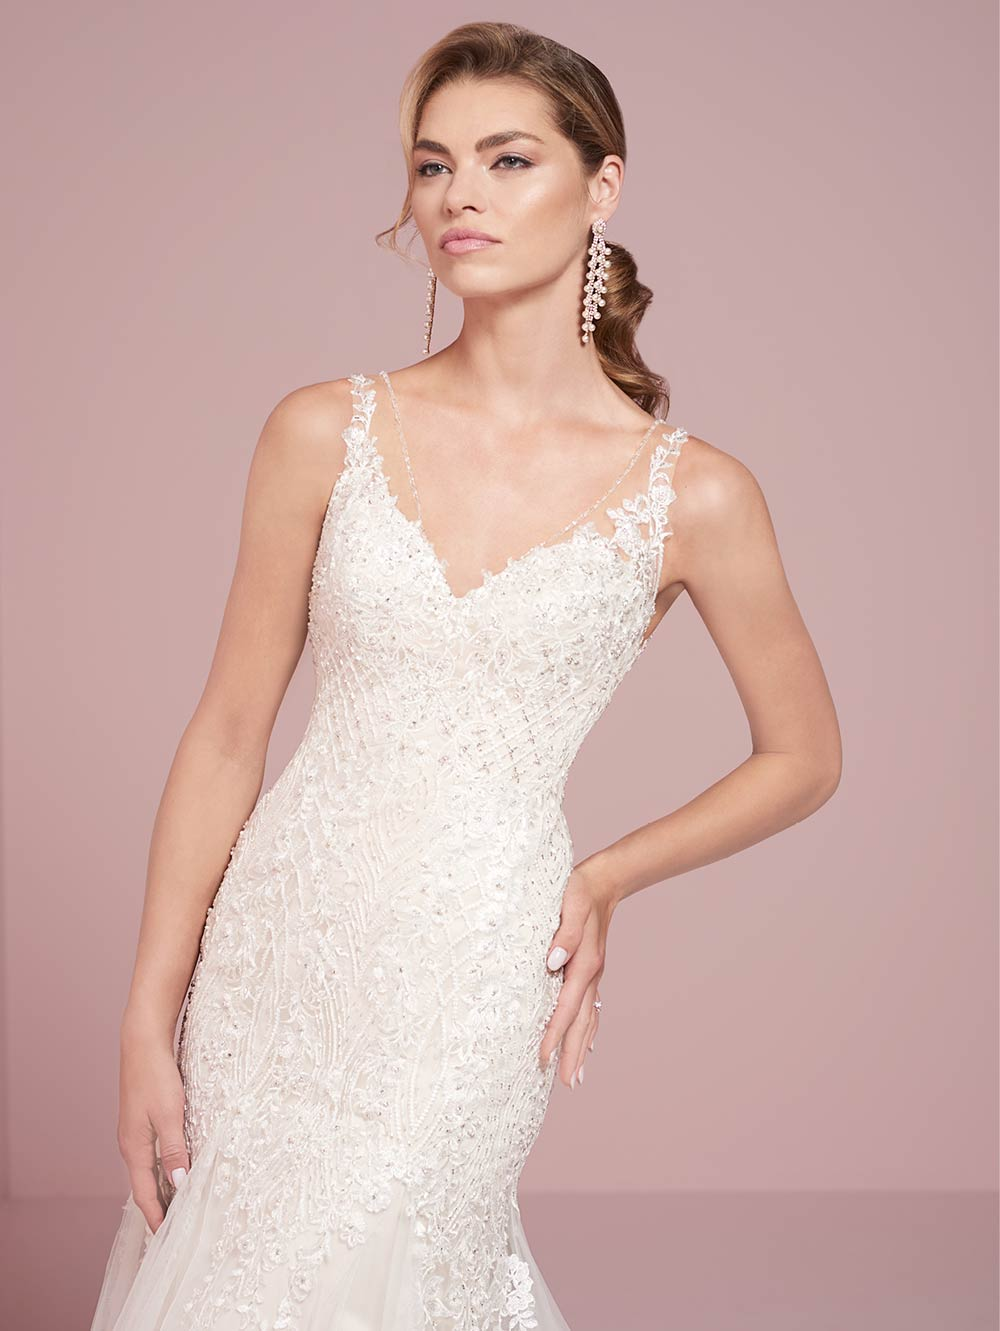 bridal-gowns-jacquelin-bridals-canada-27619